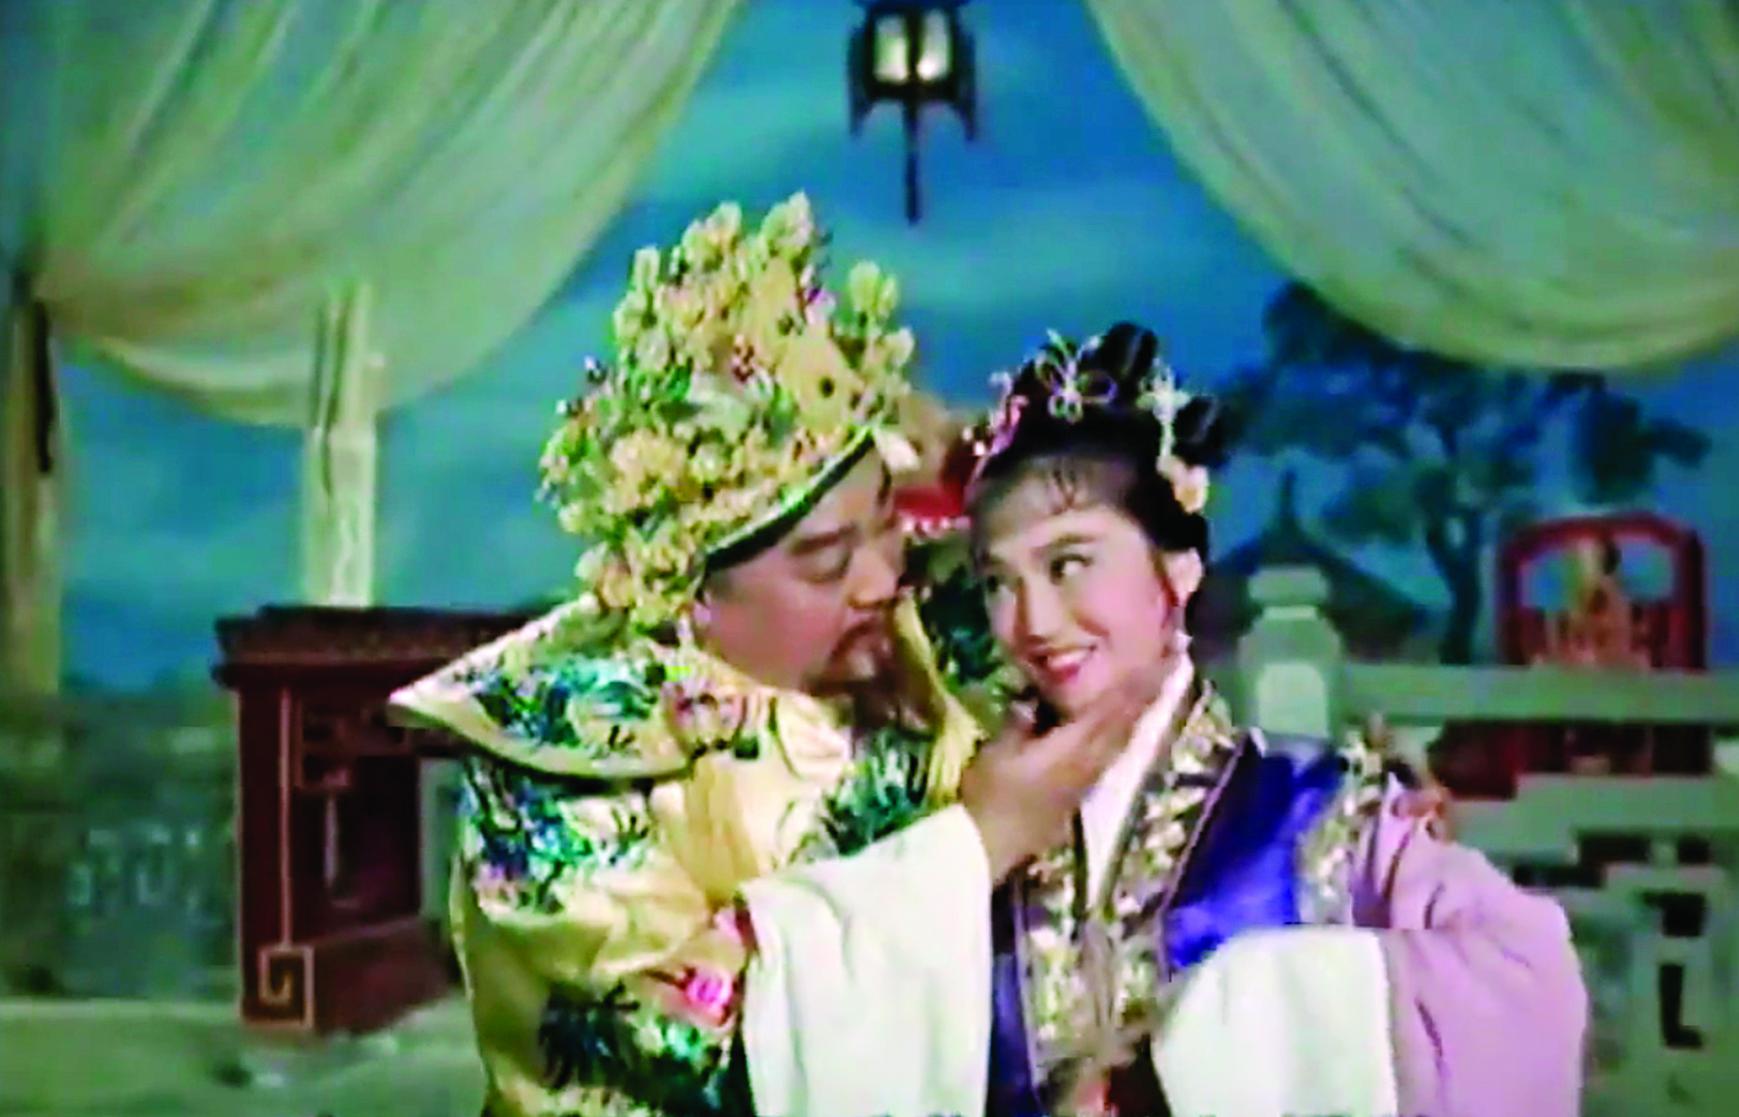 梁醒波在《三宮六苑斬狐妃》演皇帝,一臉冧樣;而用迷湯把他灌成這樣的是狐妃李香琴,她演得再賣力,觀眾也只會對她咬牙切齒。